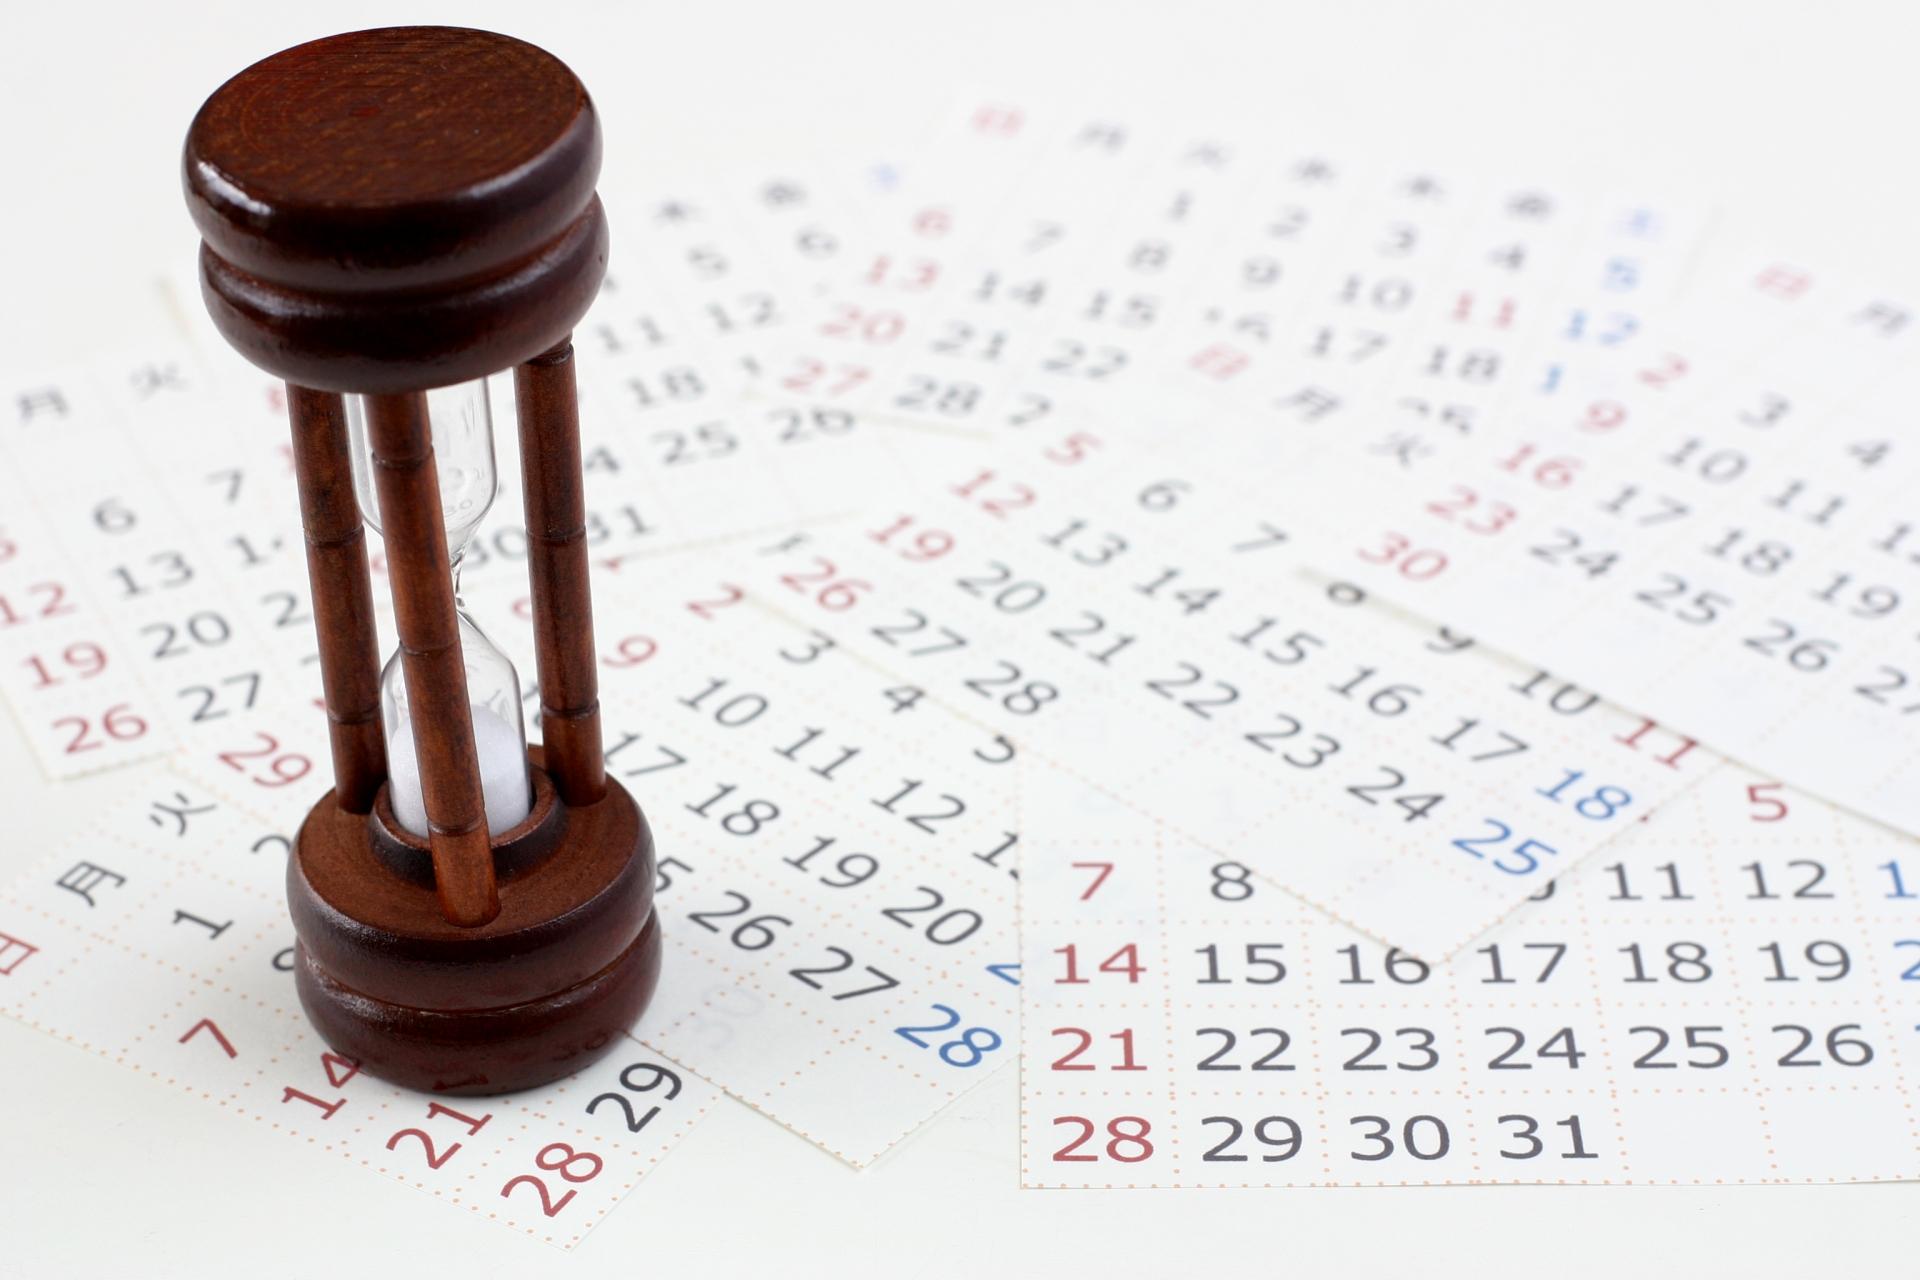 知っておきたい法人税の納付期限やスケジュールを要チェック